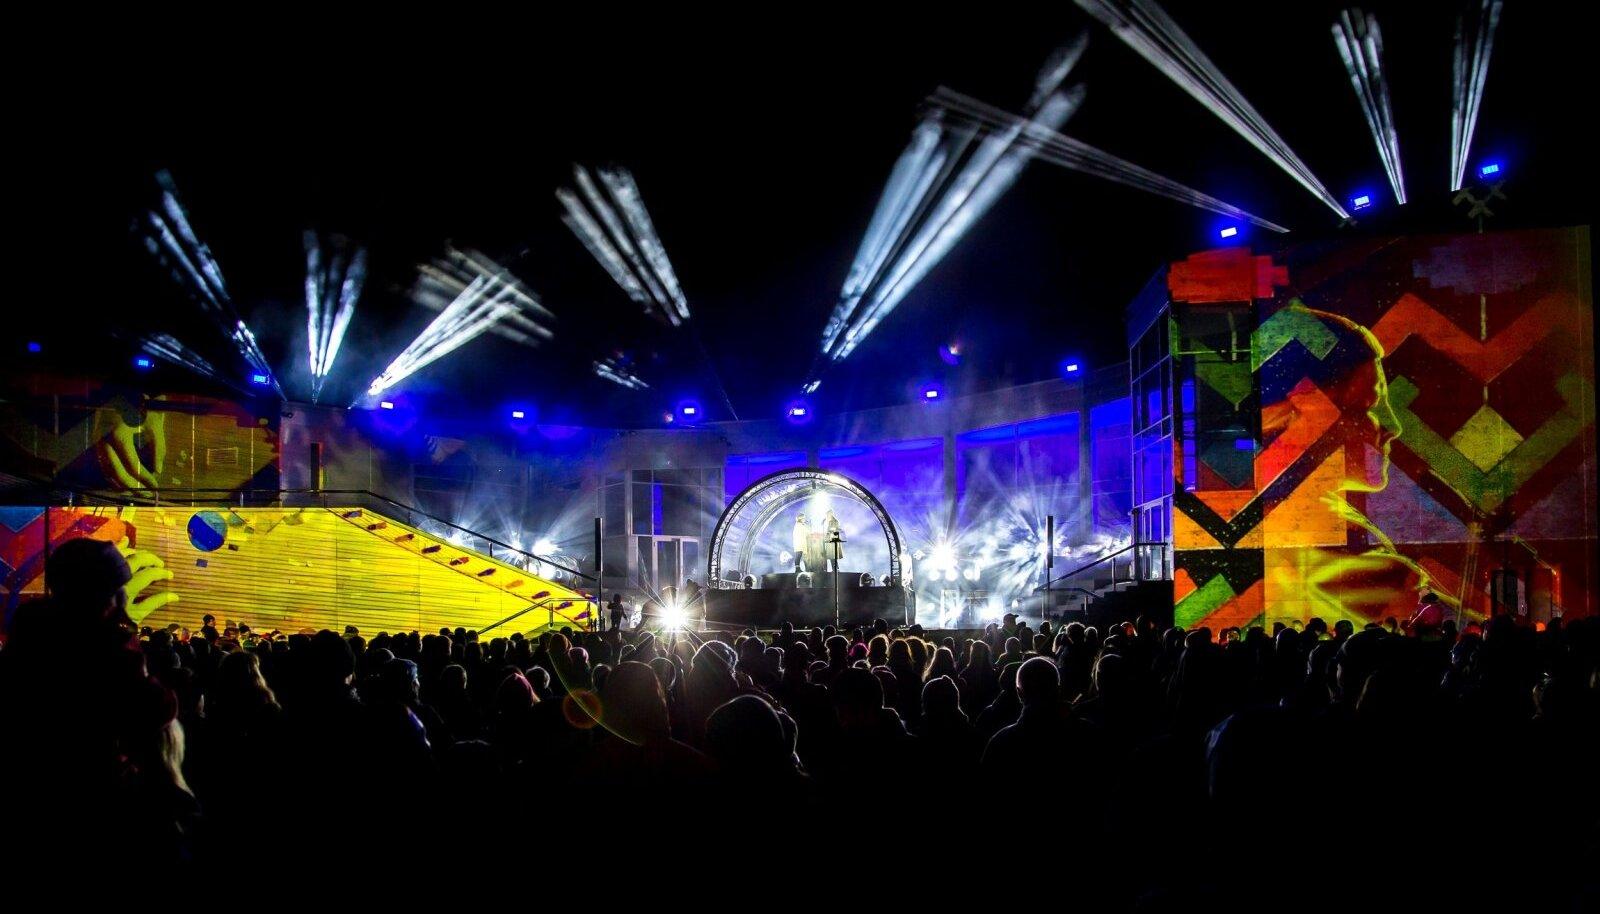 """Pärnus toimub valgusfestival """"Öövalgel"""". 6 erinevat etendust, mis on kombinatsioon videoprojektsioonist, etendustkunstist, tantsust, muusikast ja kuuldemängust."""